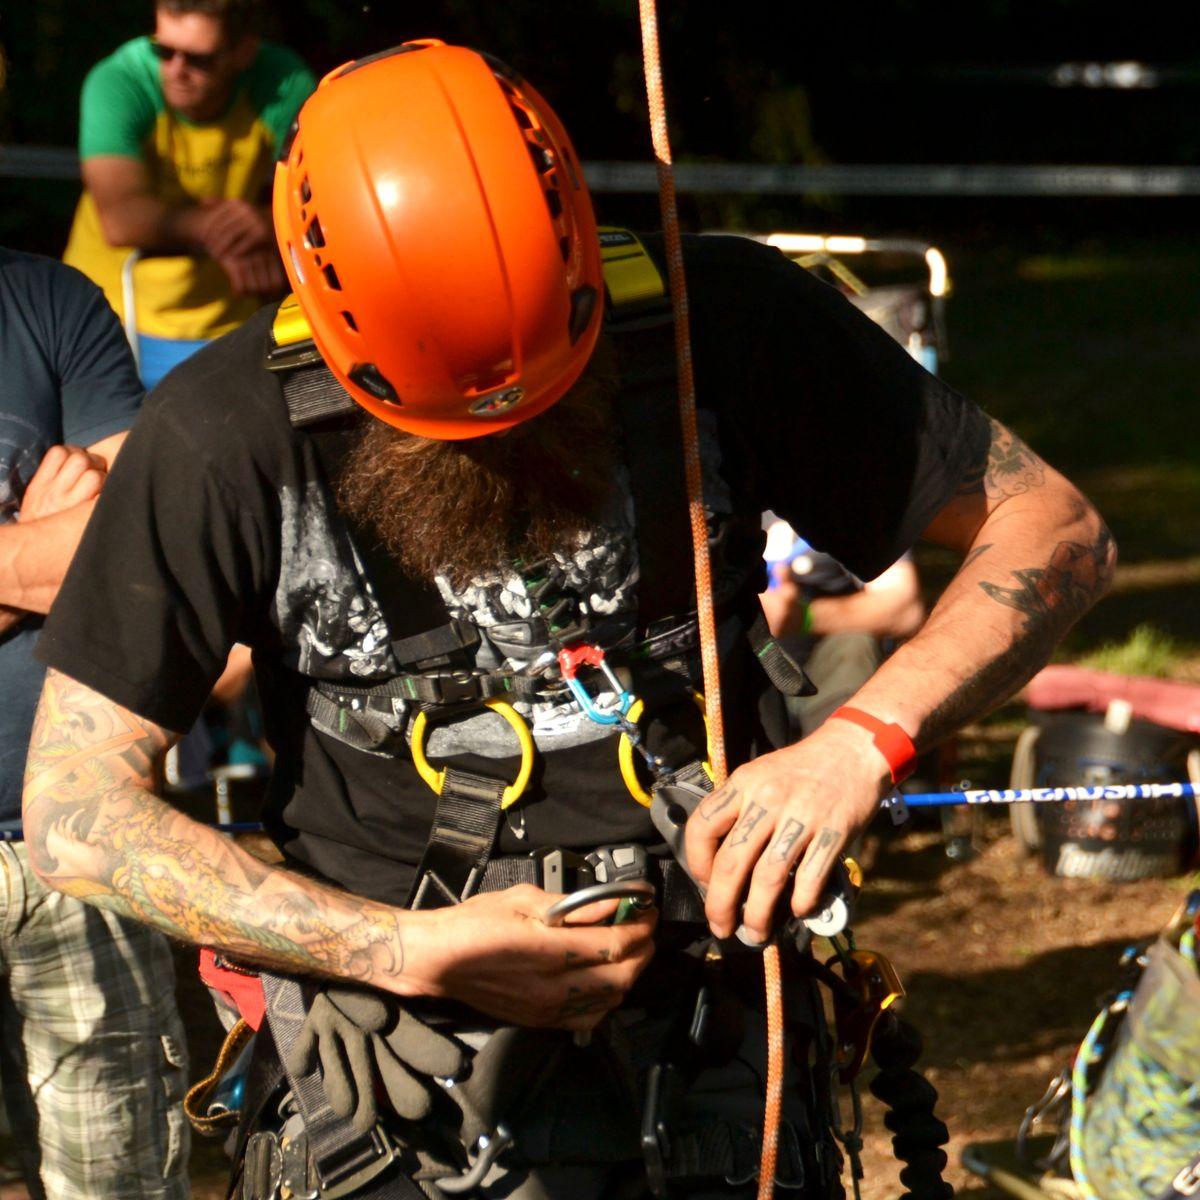 Baumkletter-Meisterschaften: Disziplin Ascent-Event